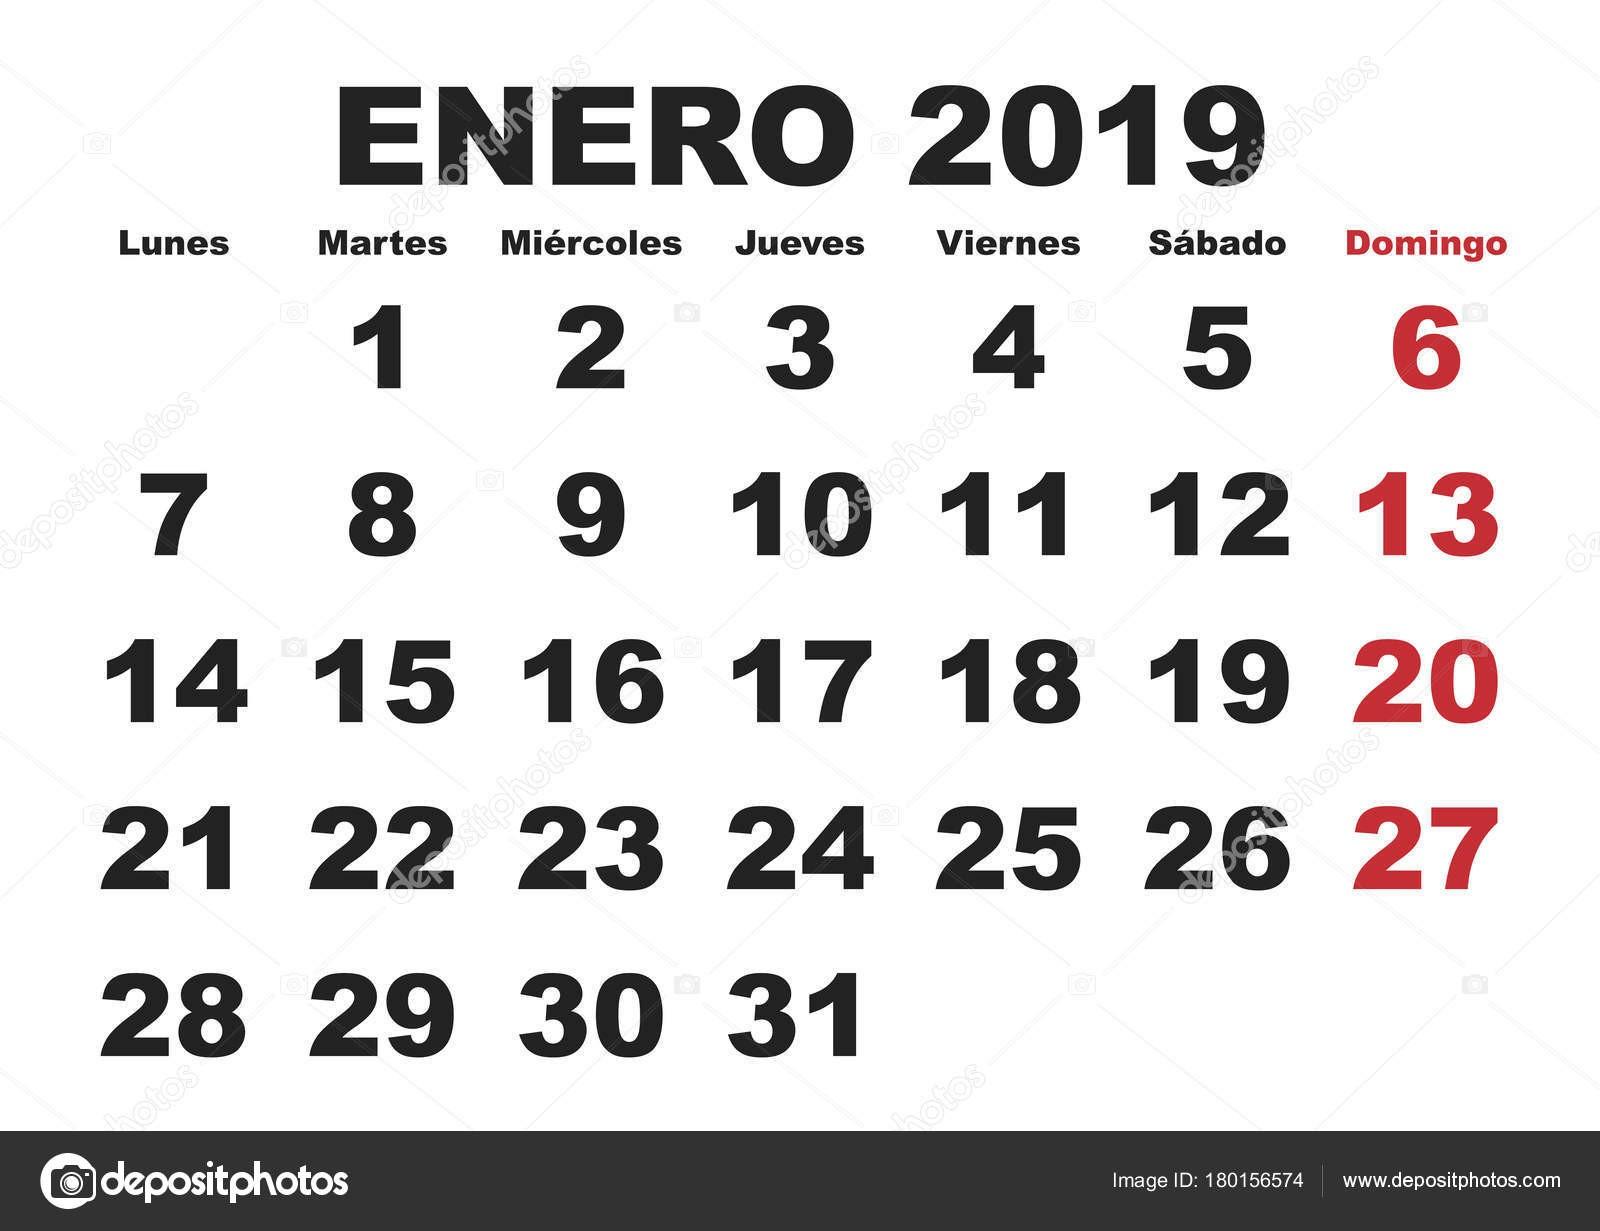 Calendario 2019 Con Dias Festivos Peru Más Reciente Enero Calendario 2019 Peru Of Calendario 2019 Con Dias Festivos Peru Más Recientes Calendario De Reportes Trimestrales En La Bolsa Mexicana De Valores